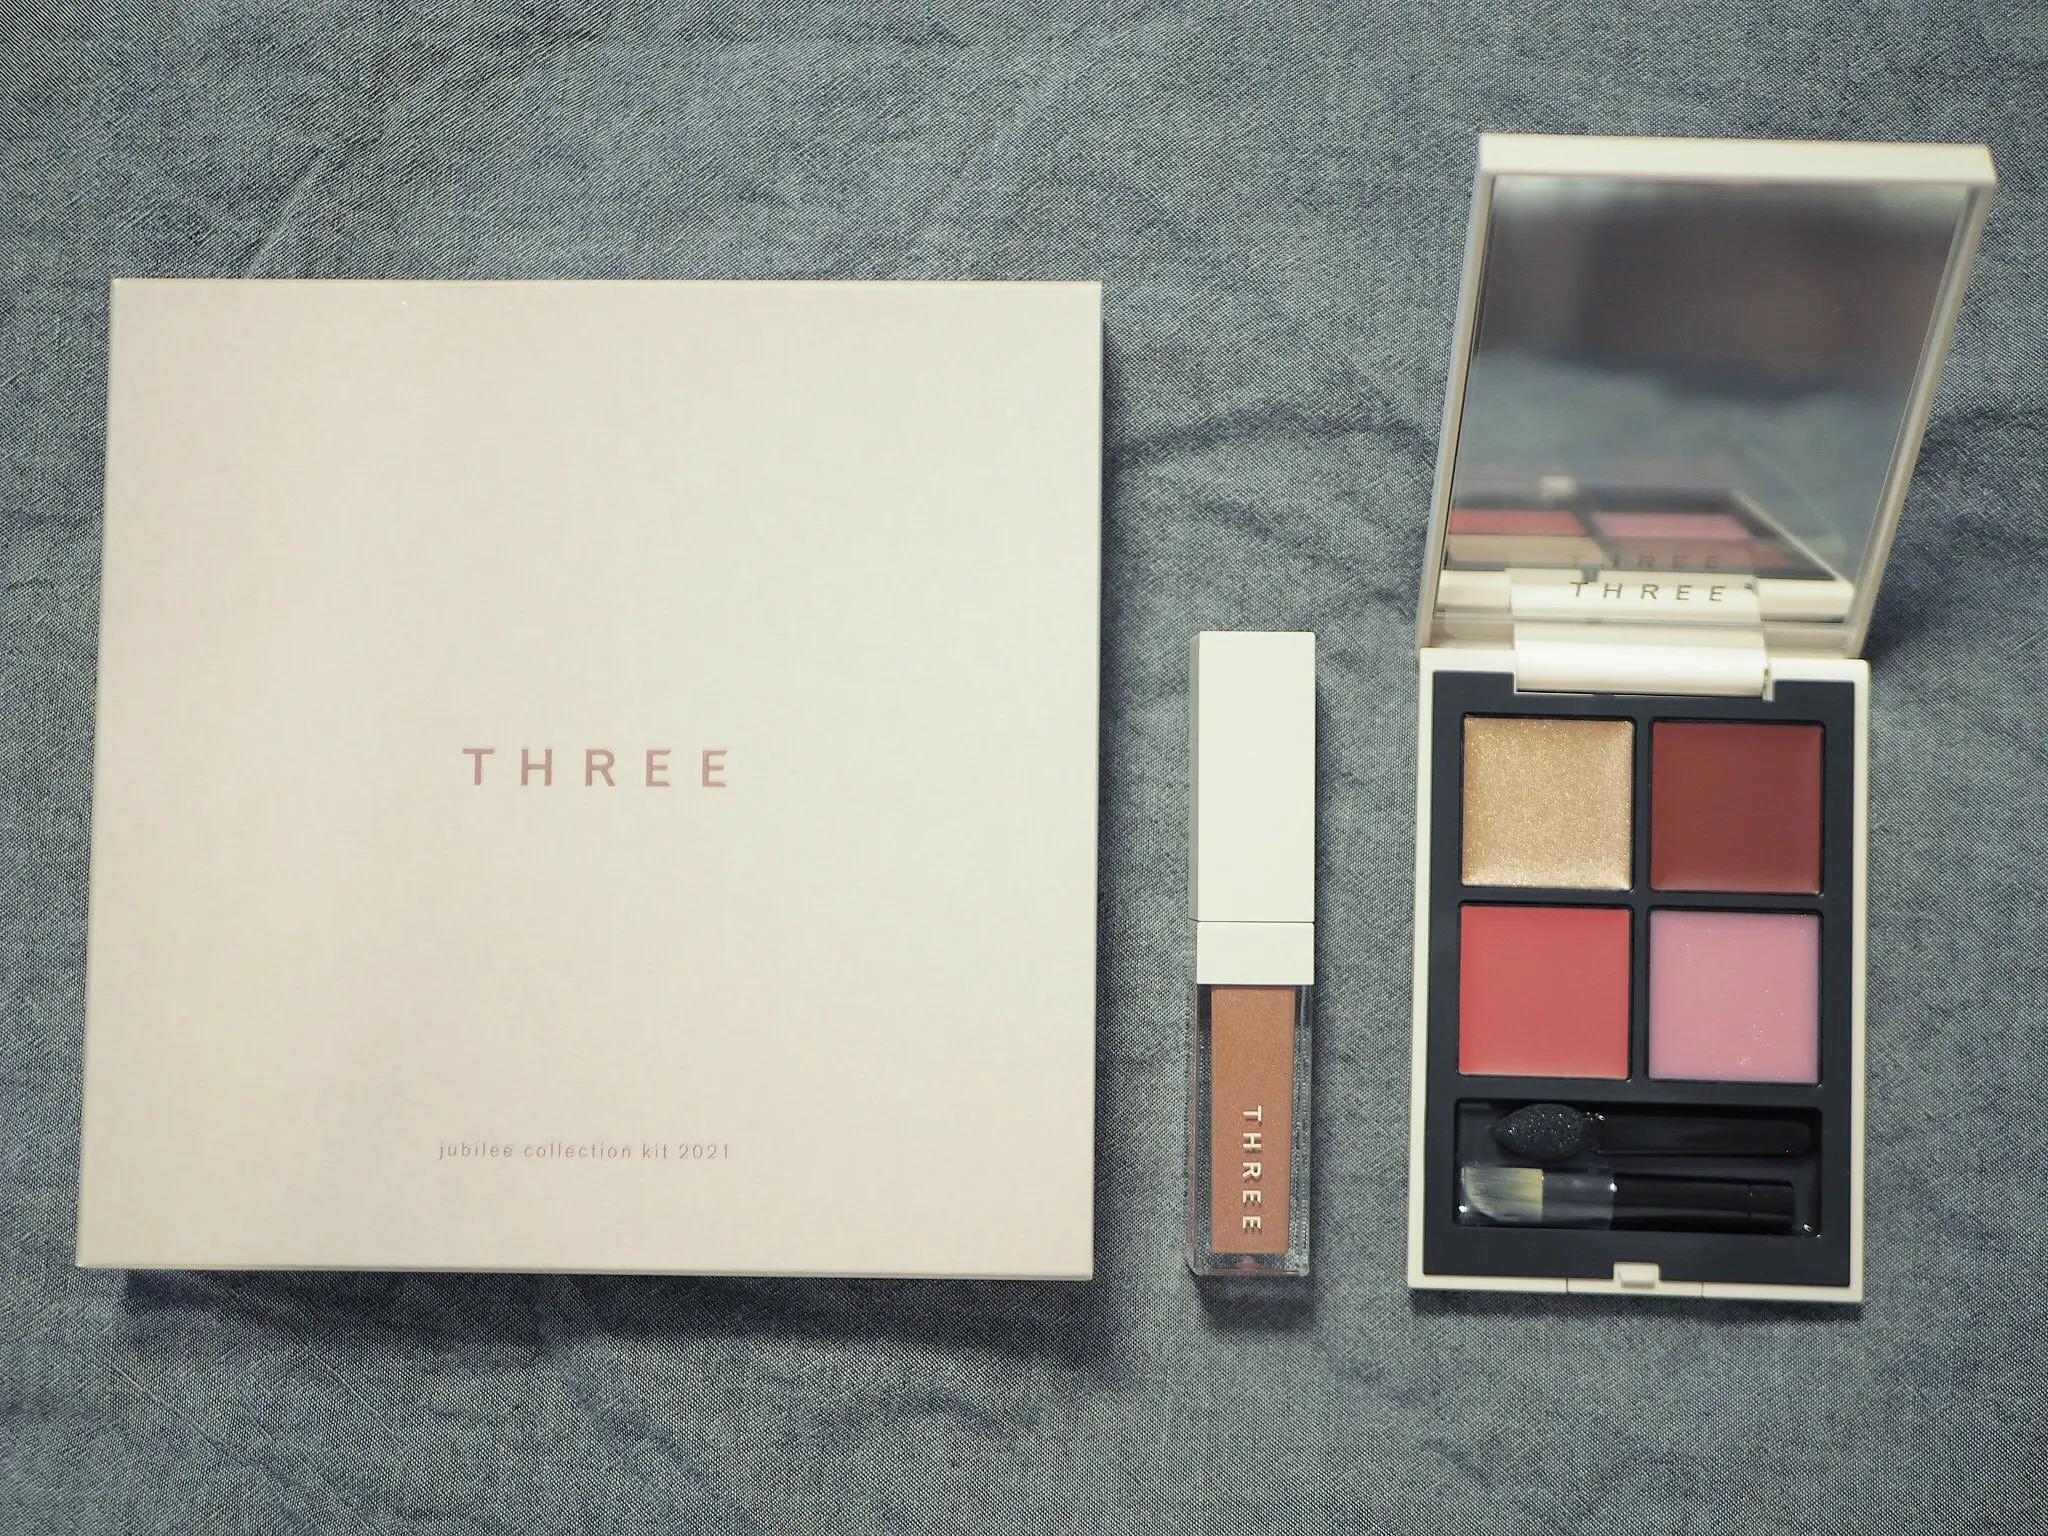 『THREE』の「ジュビリーコレクション キット2021」